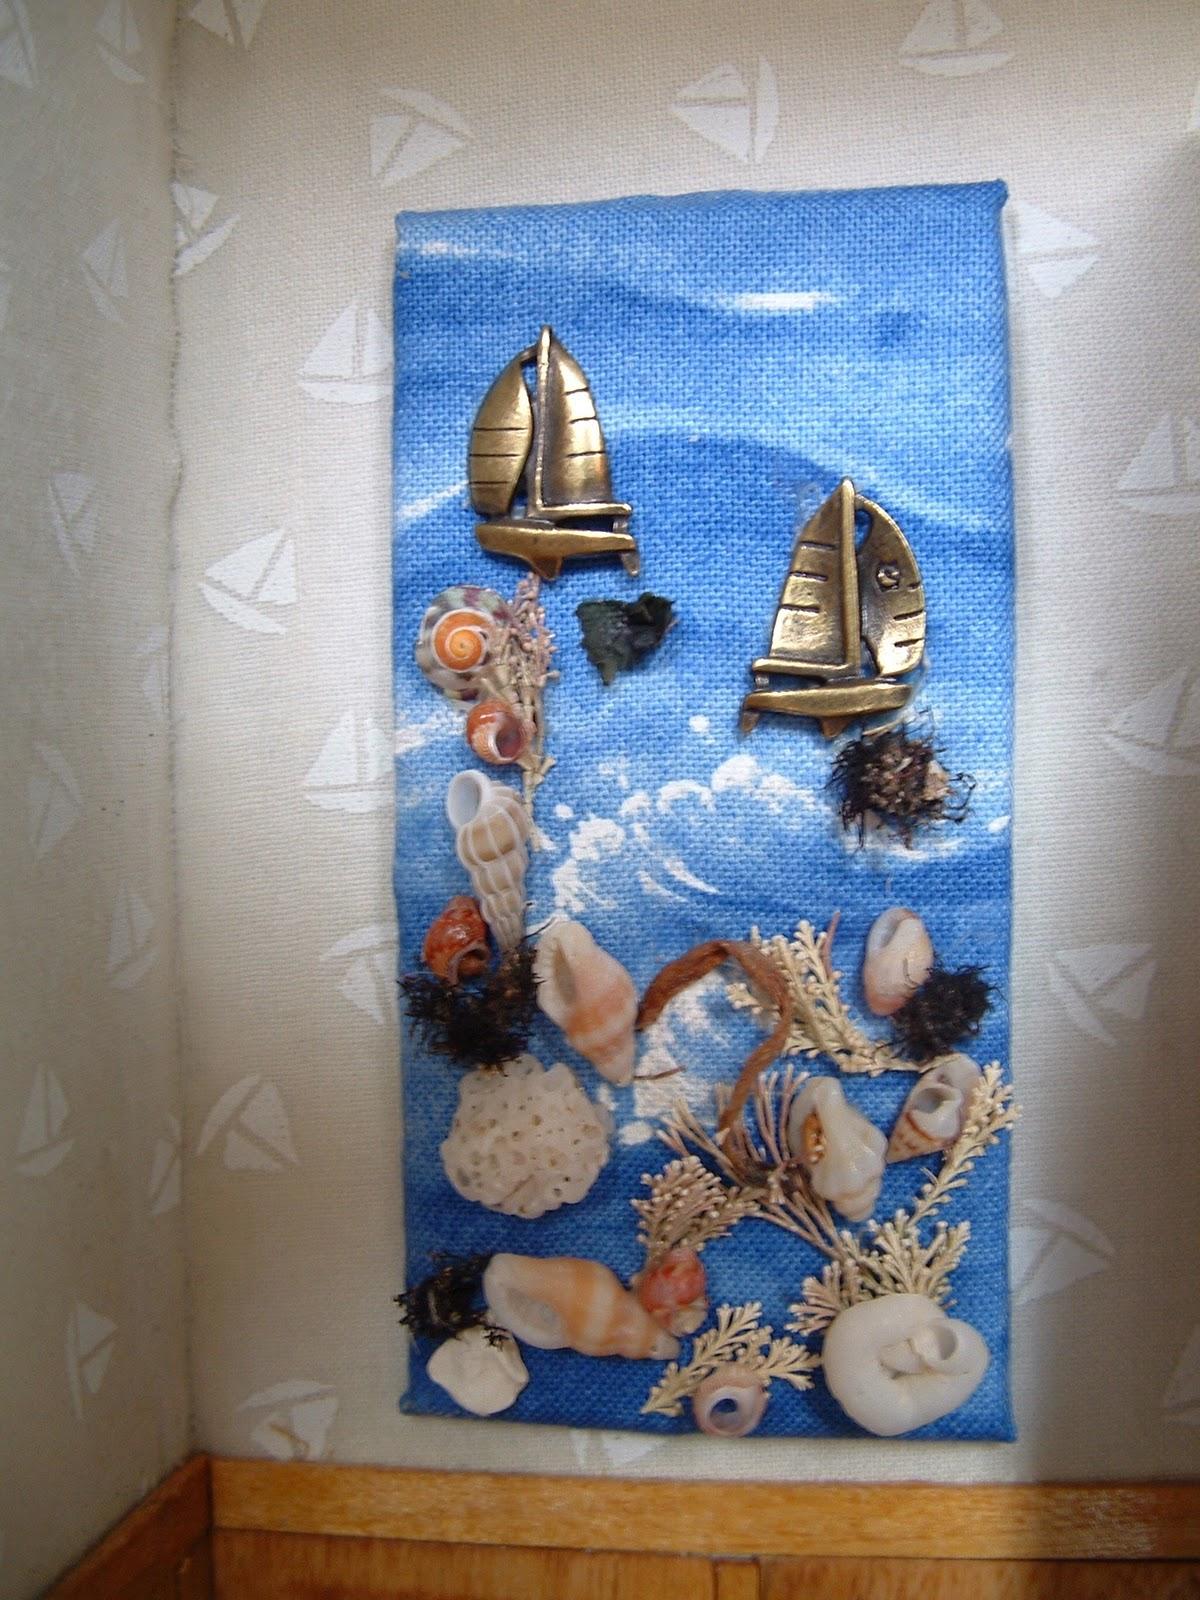 Chris et marc chambre enfant style bateau - Bricolage avec des coquillages ...